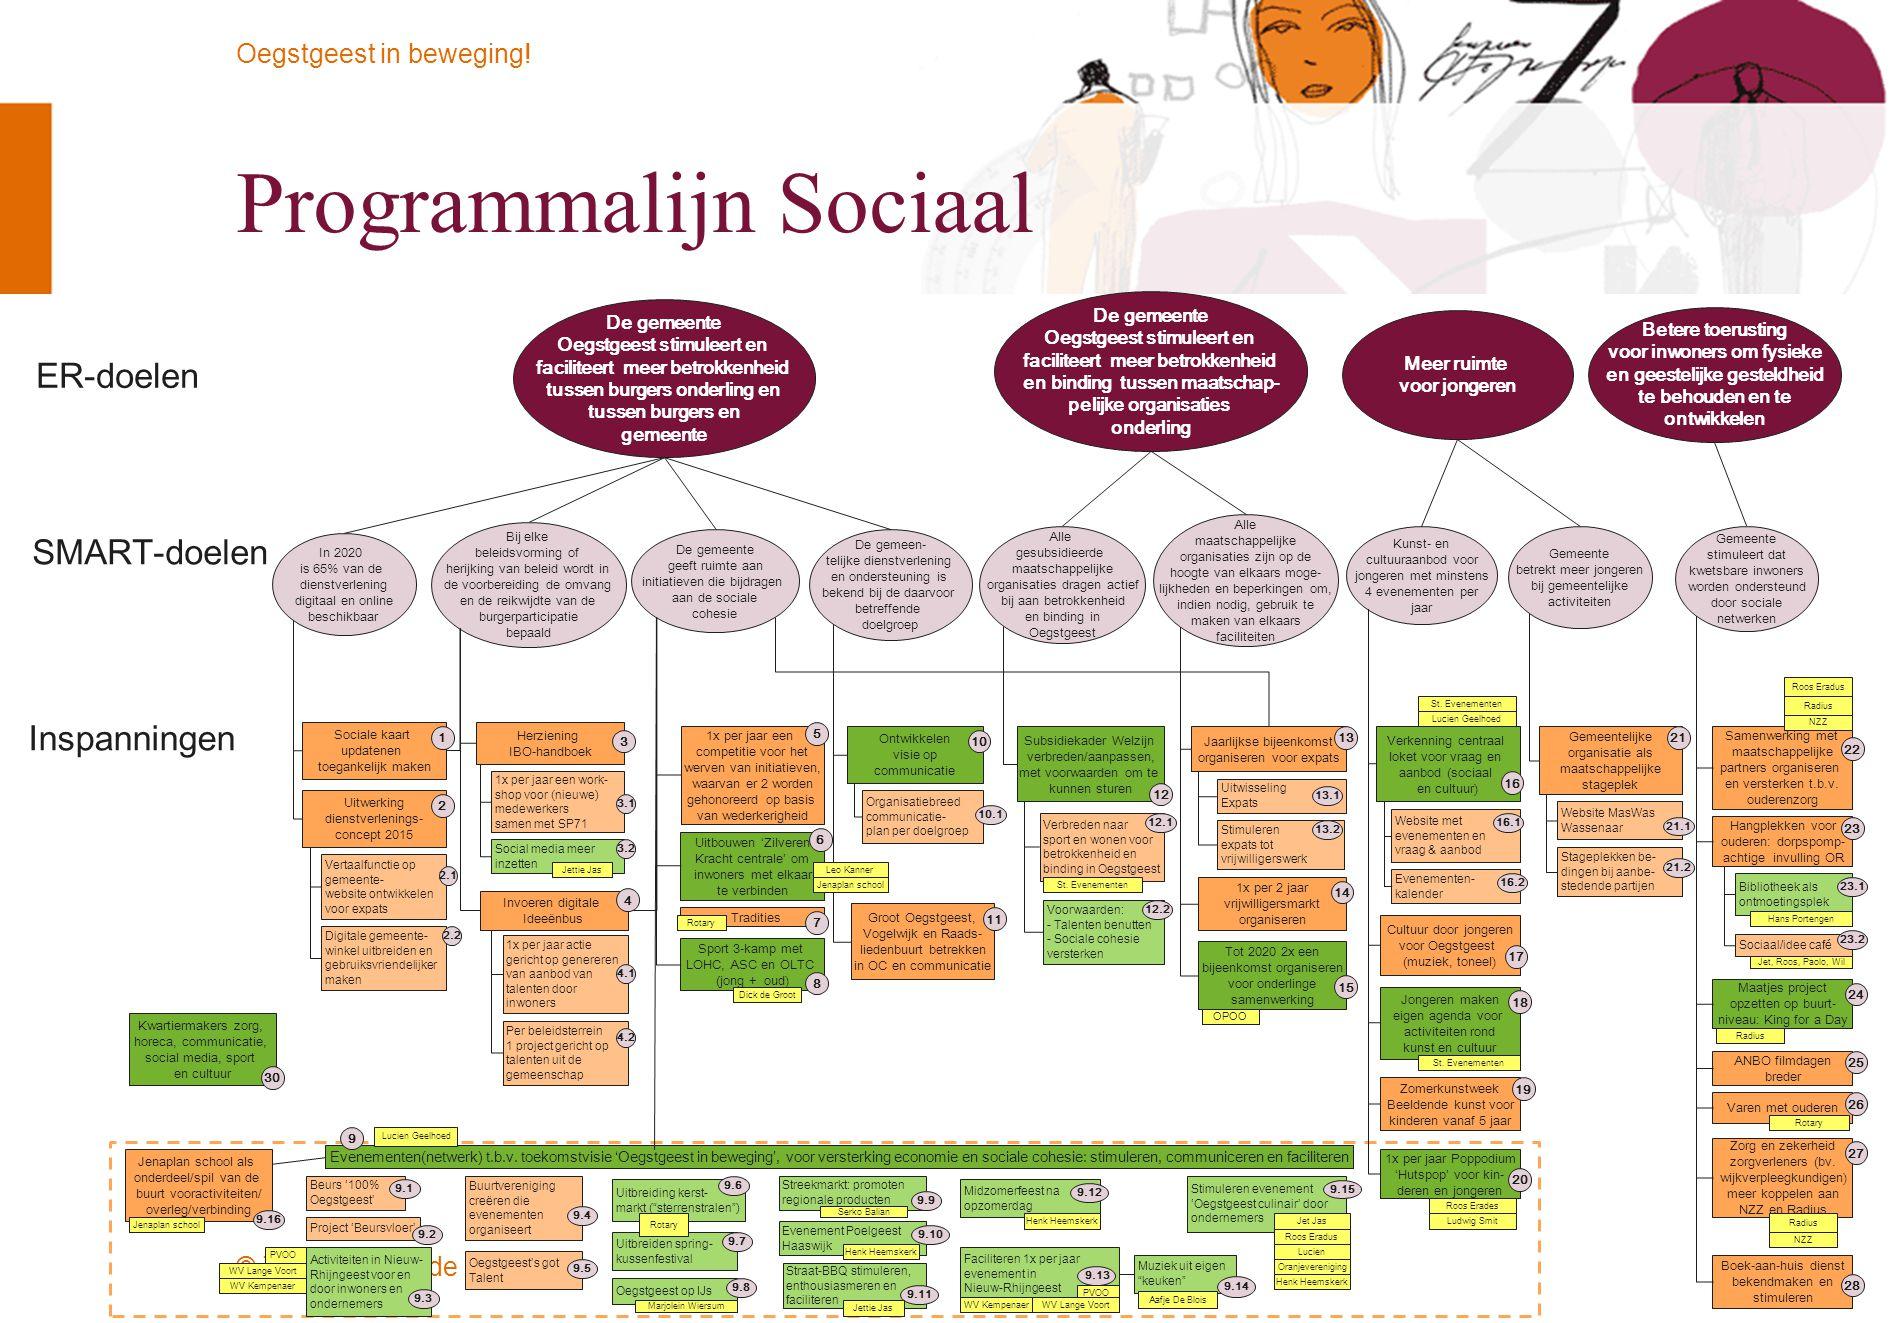 © Twynstra Gudde Oegstgeest in beweging! Evenementen(netwerk) t.b.v. toekomstvisie 'Oegstgeest in beweging', voor versterking economie en sociale cohe